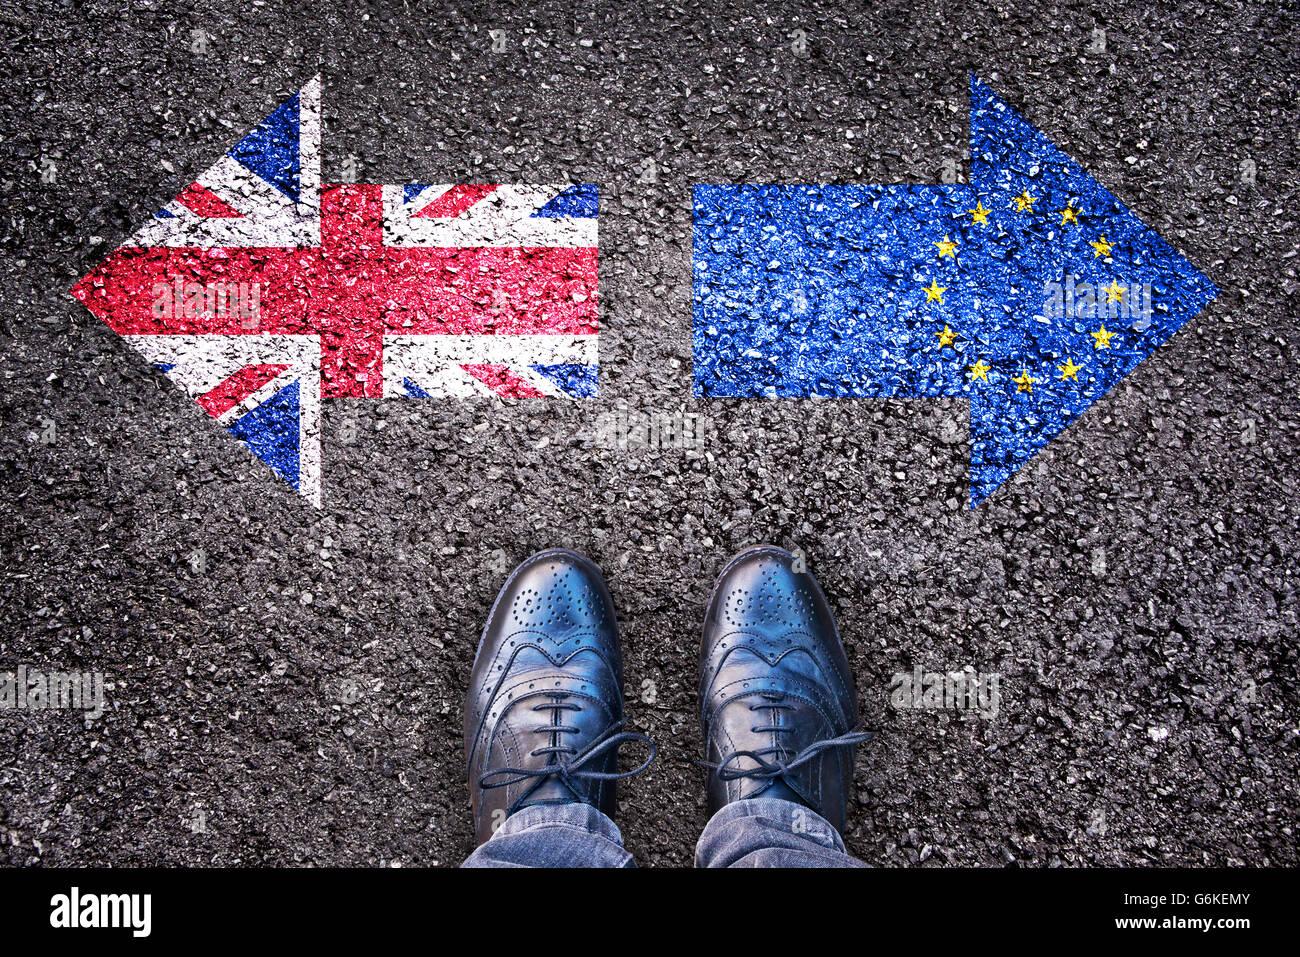 Brexit, banderas del Reino Unido y la Unión Europea, sobre la carretera de asfalto con patas Imagen De Stock